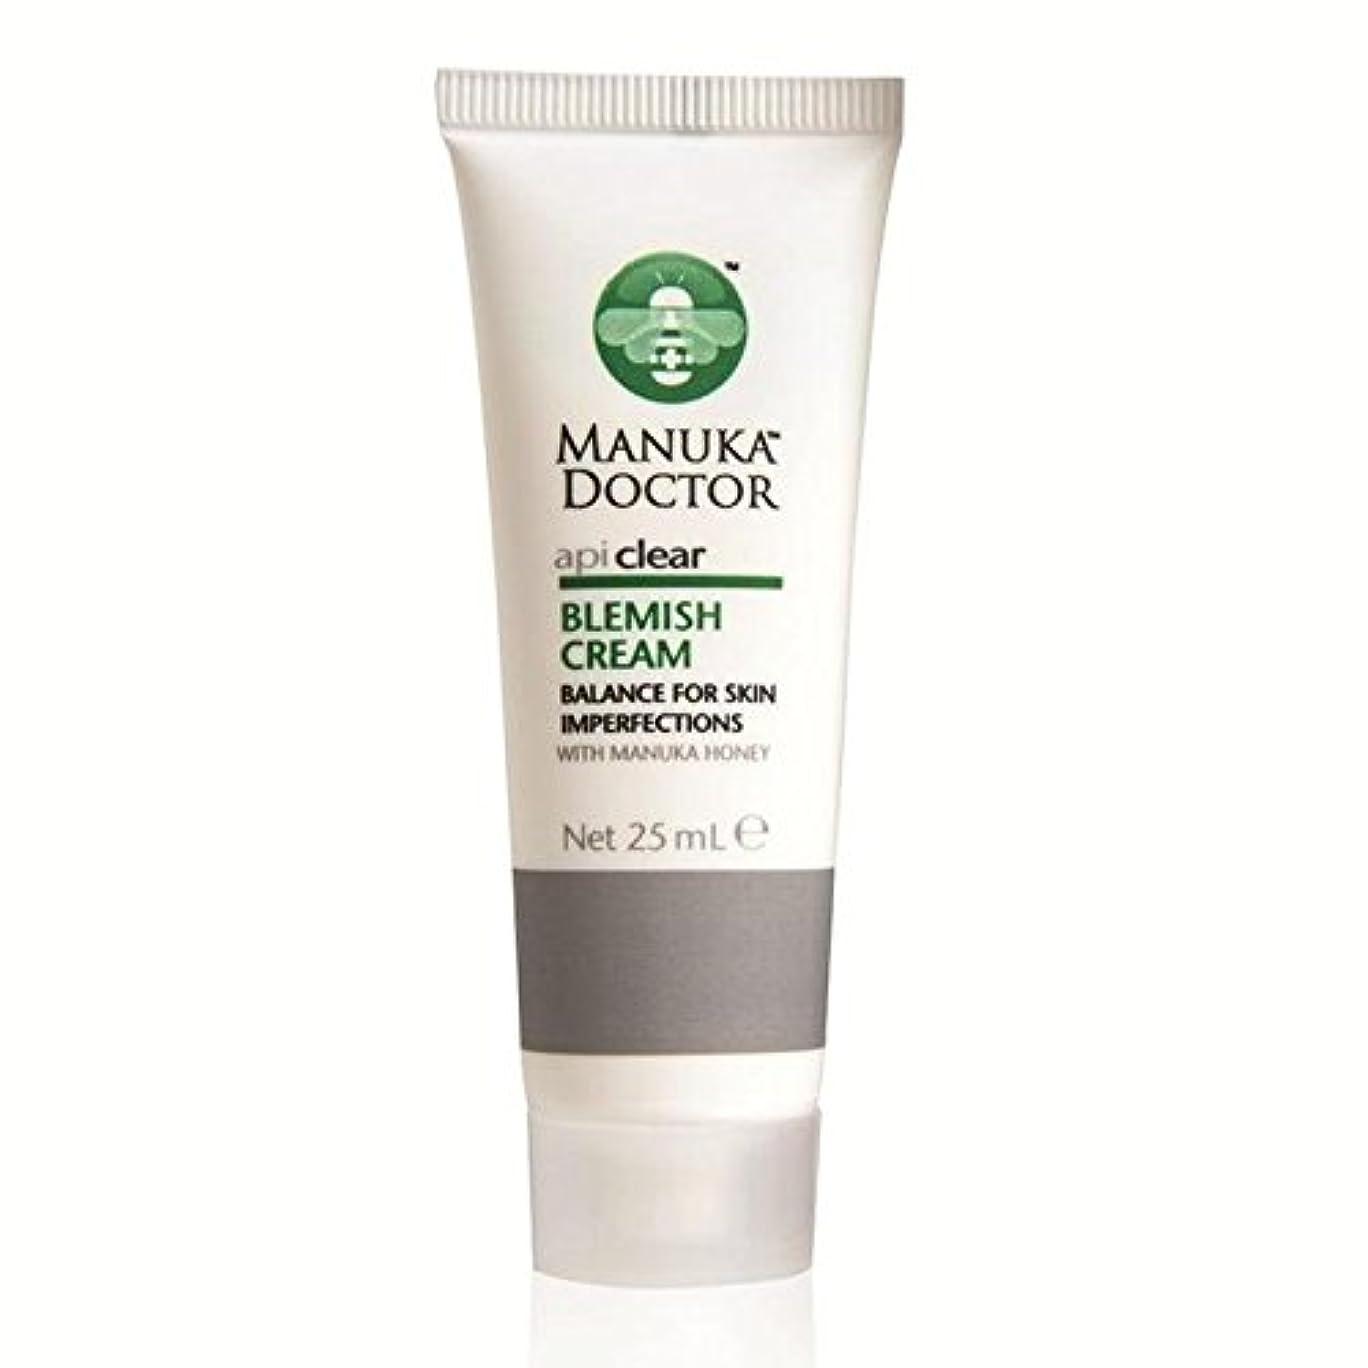 故障中彼自身軽量マヌカドクター明確な傷クリーム25ミリリットル x4 - Manuka Doctor Api Clear Blemish Cream 25ml (Pack of 4) [並行輸入品]